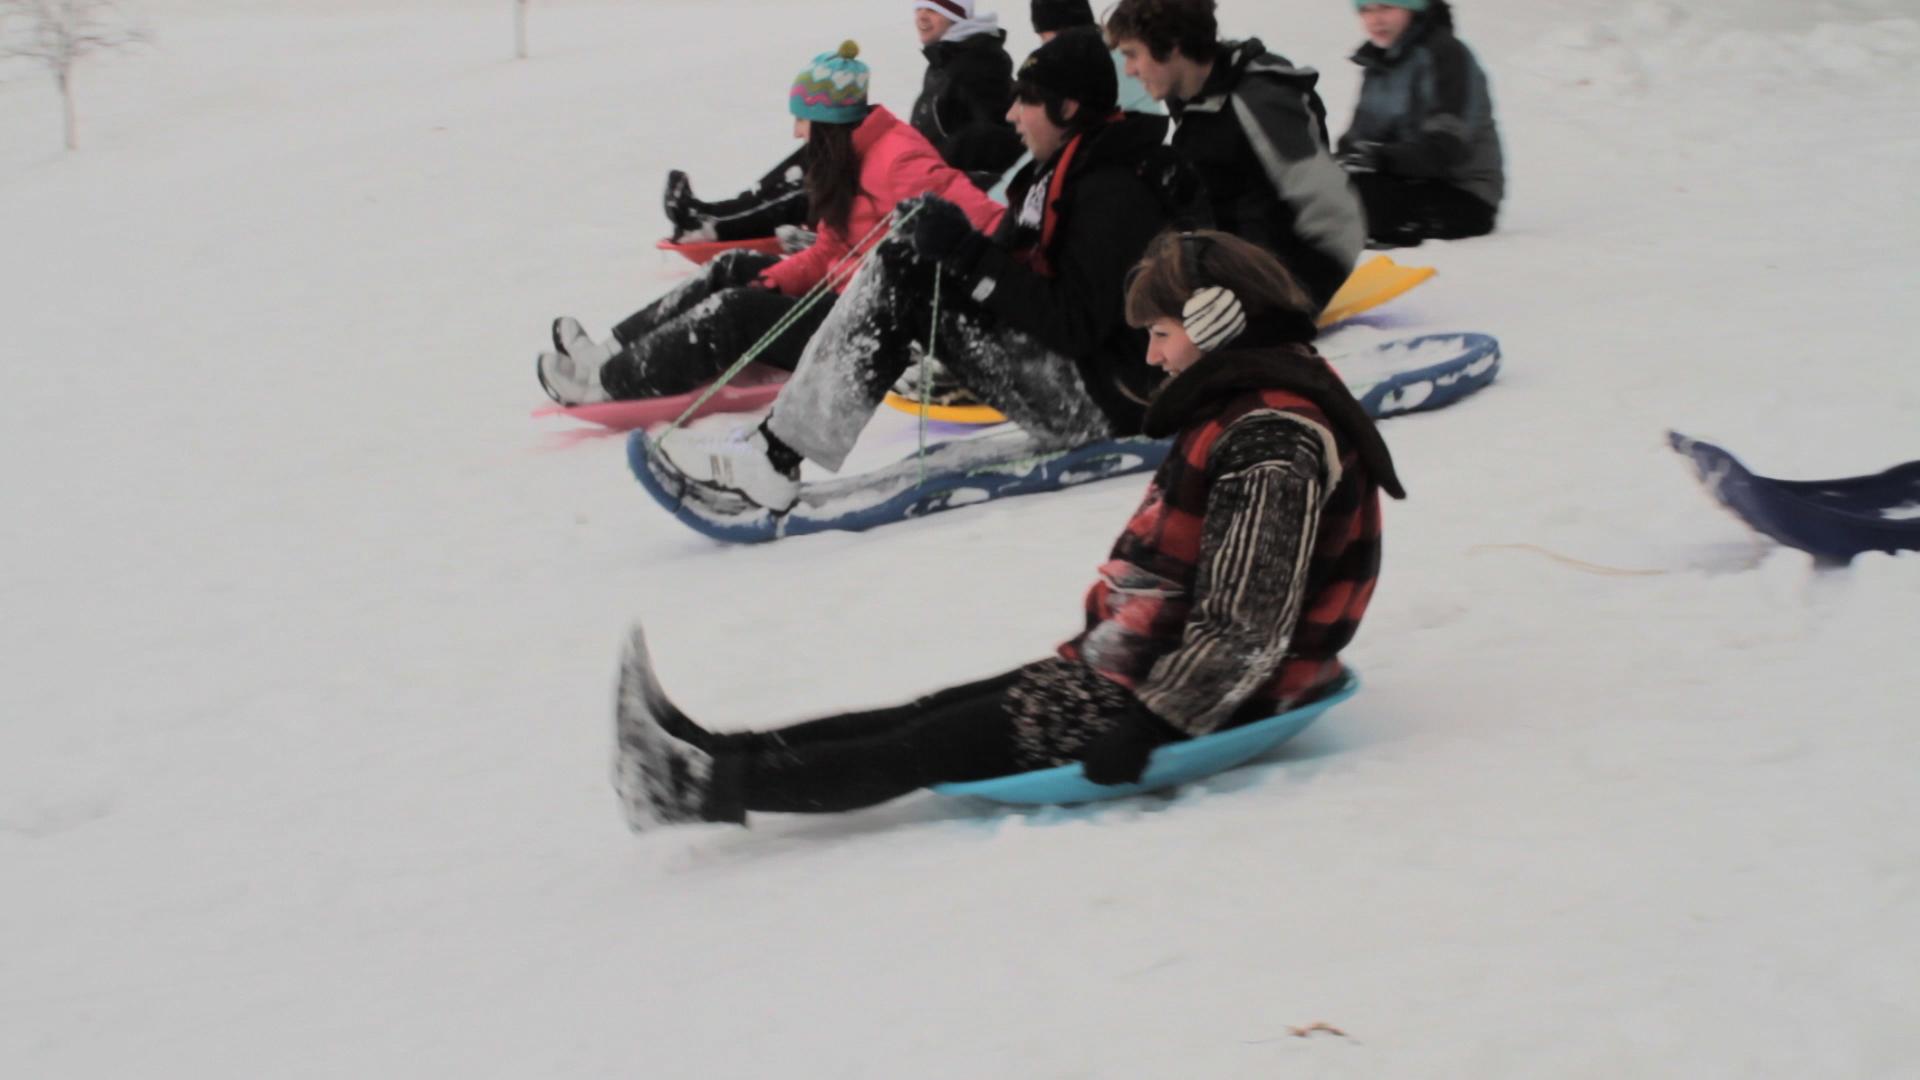 OPEN FIVE 2 sled.jpg